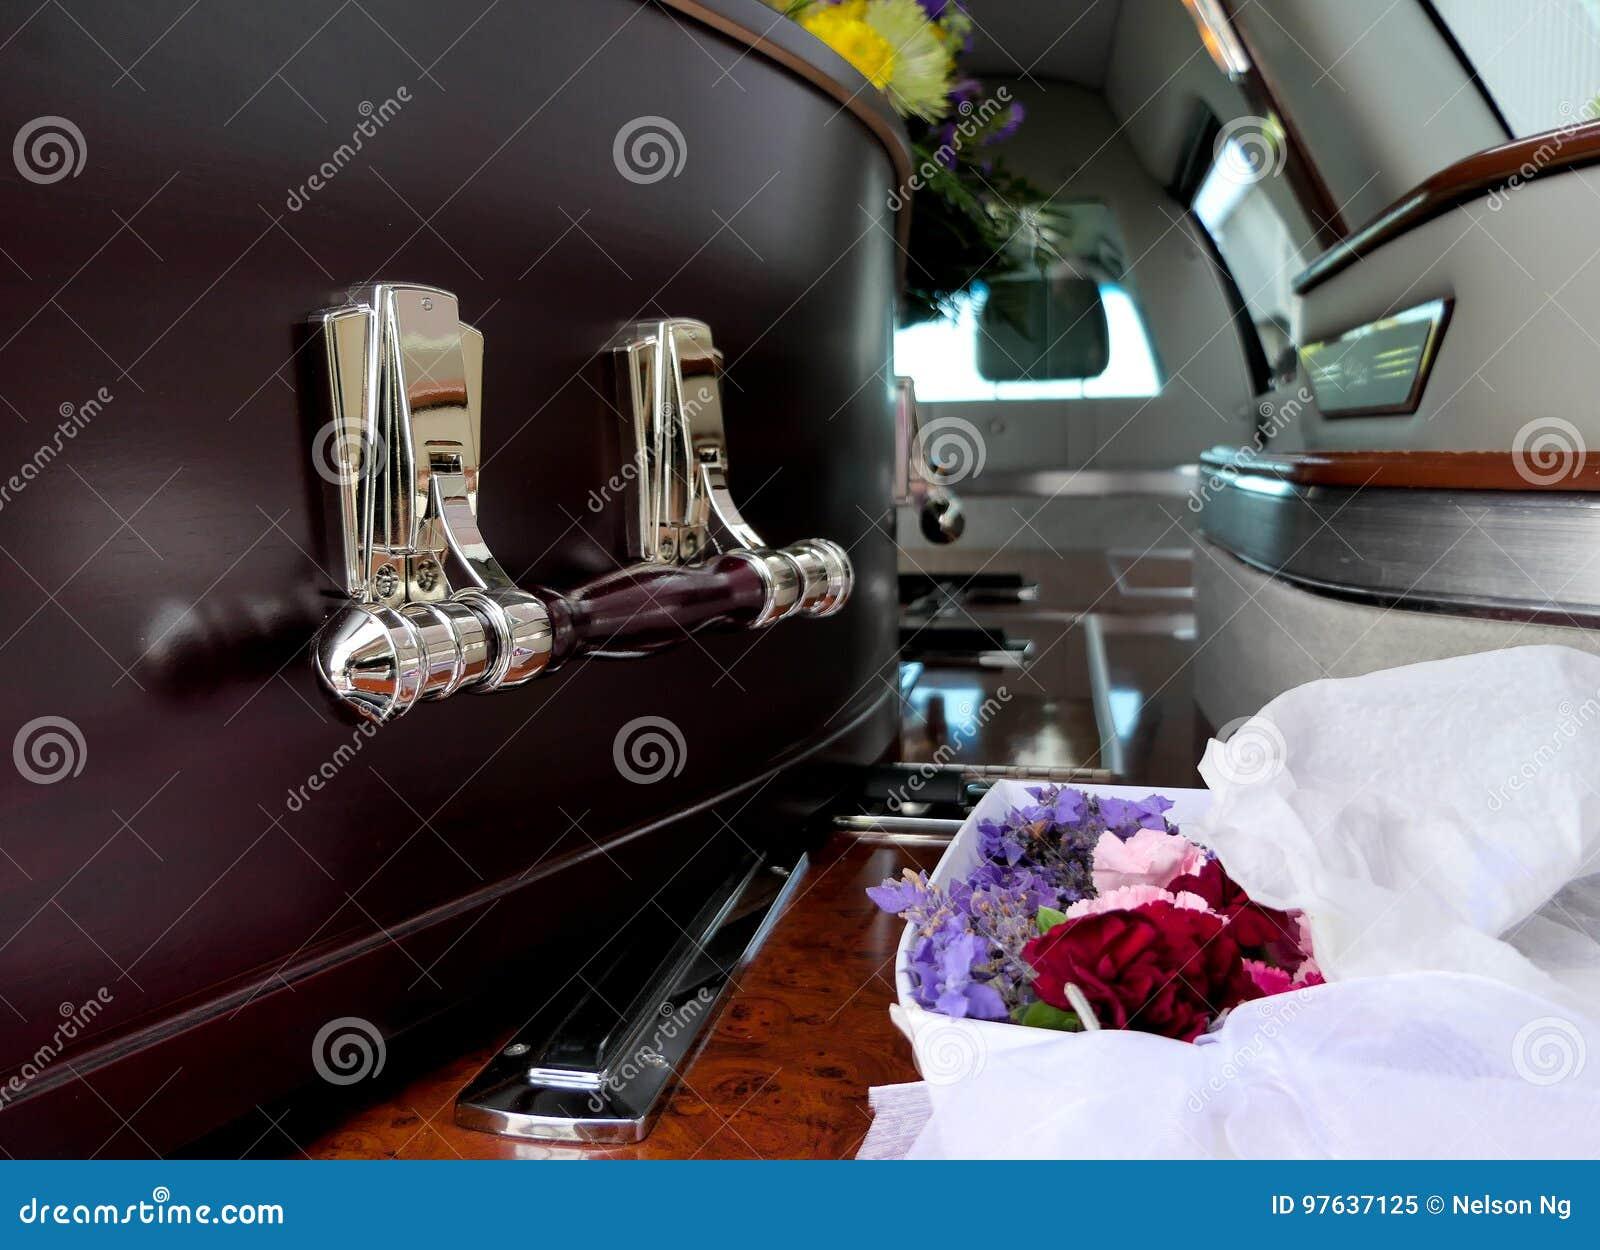 Un ataúd colorido en un coche fúnebre o iglesia antes del entierro